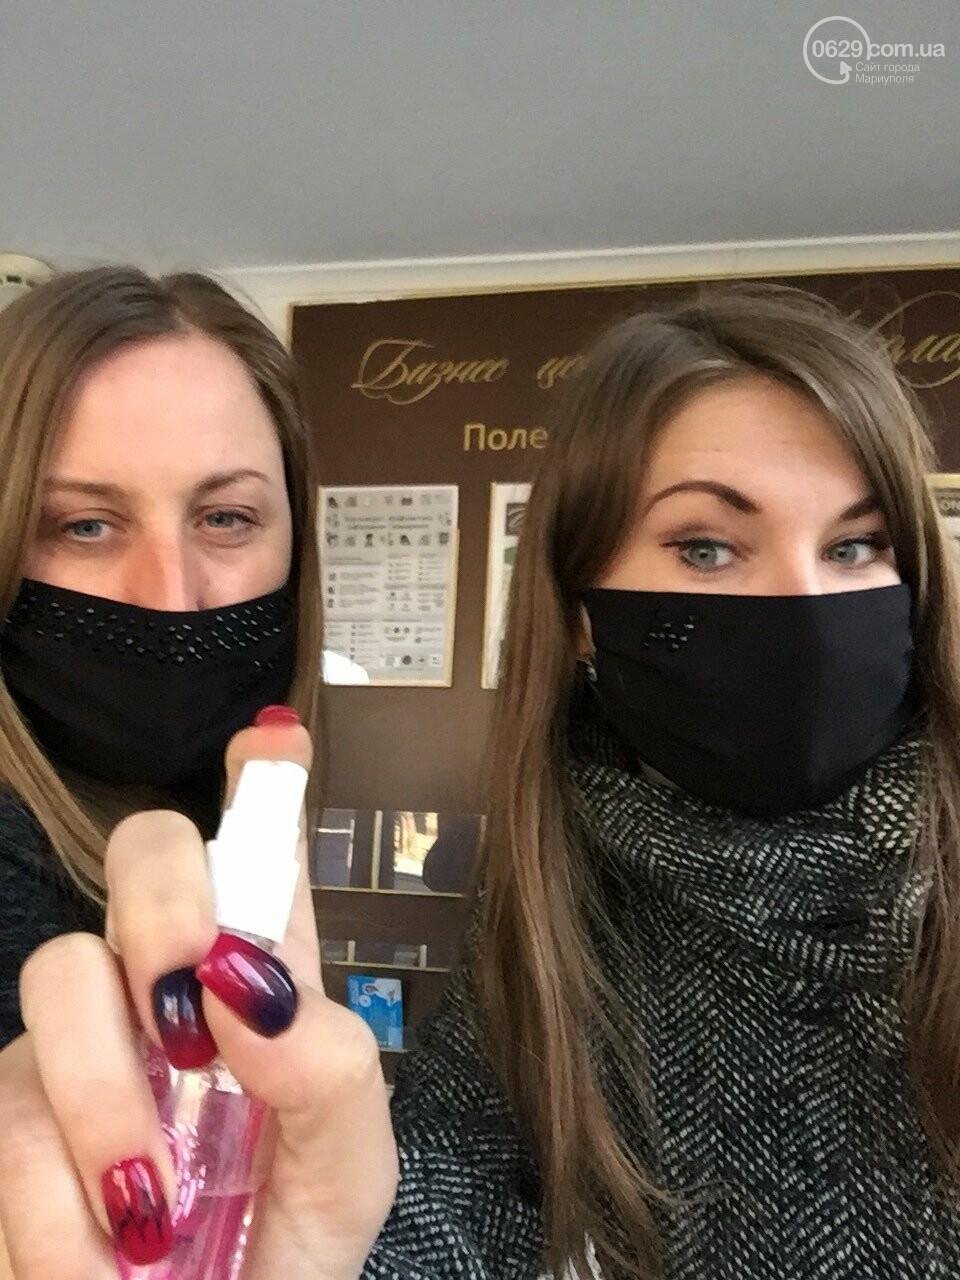 В Мариуполе наладили печать 3Д-масок по китайскому образцу, - ФОТО, ВИДЕО, фото-2